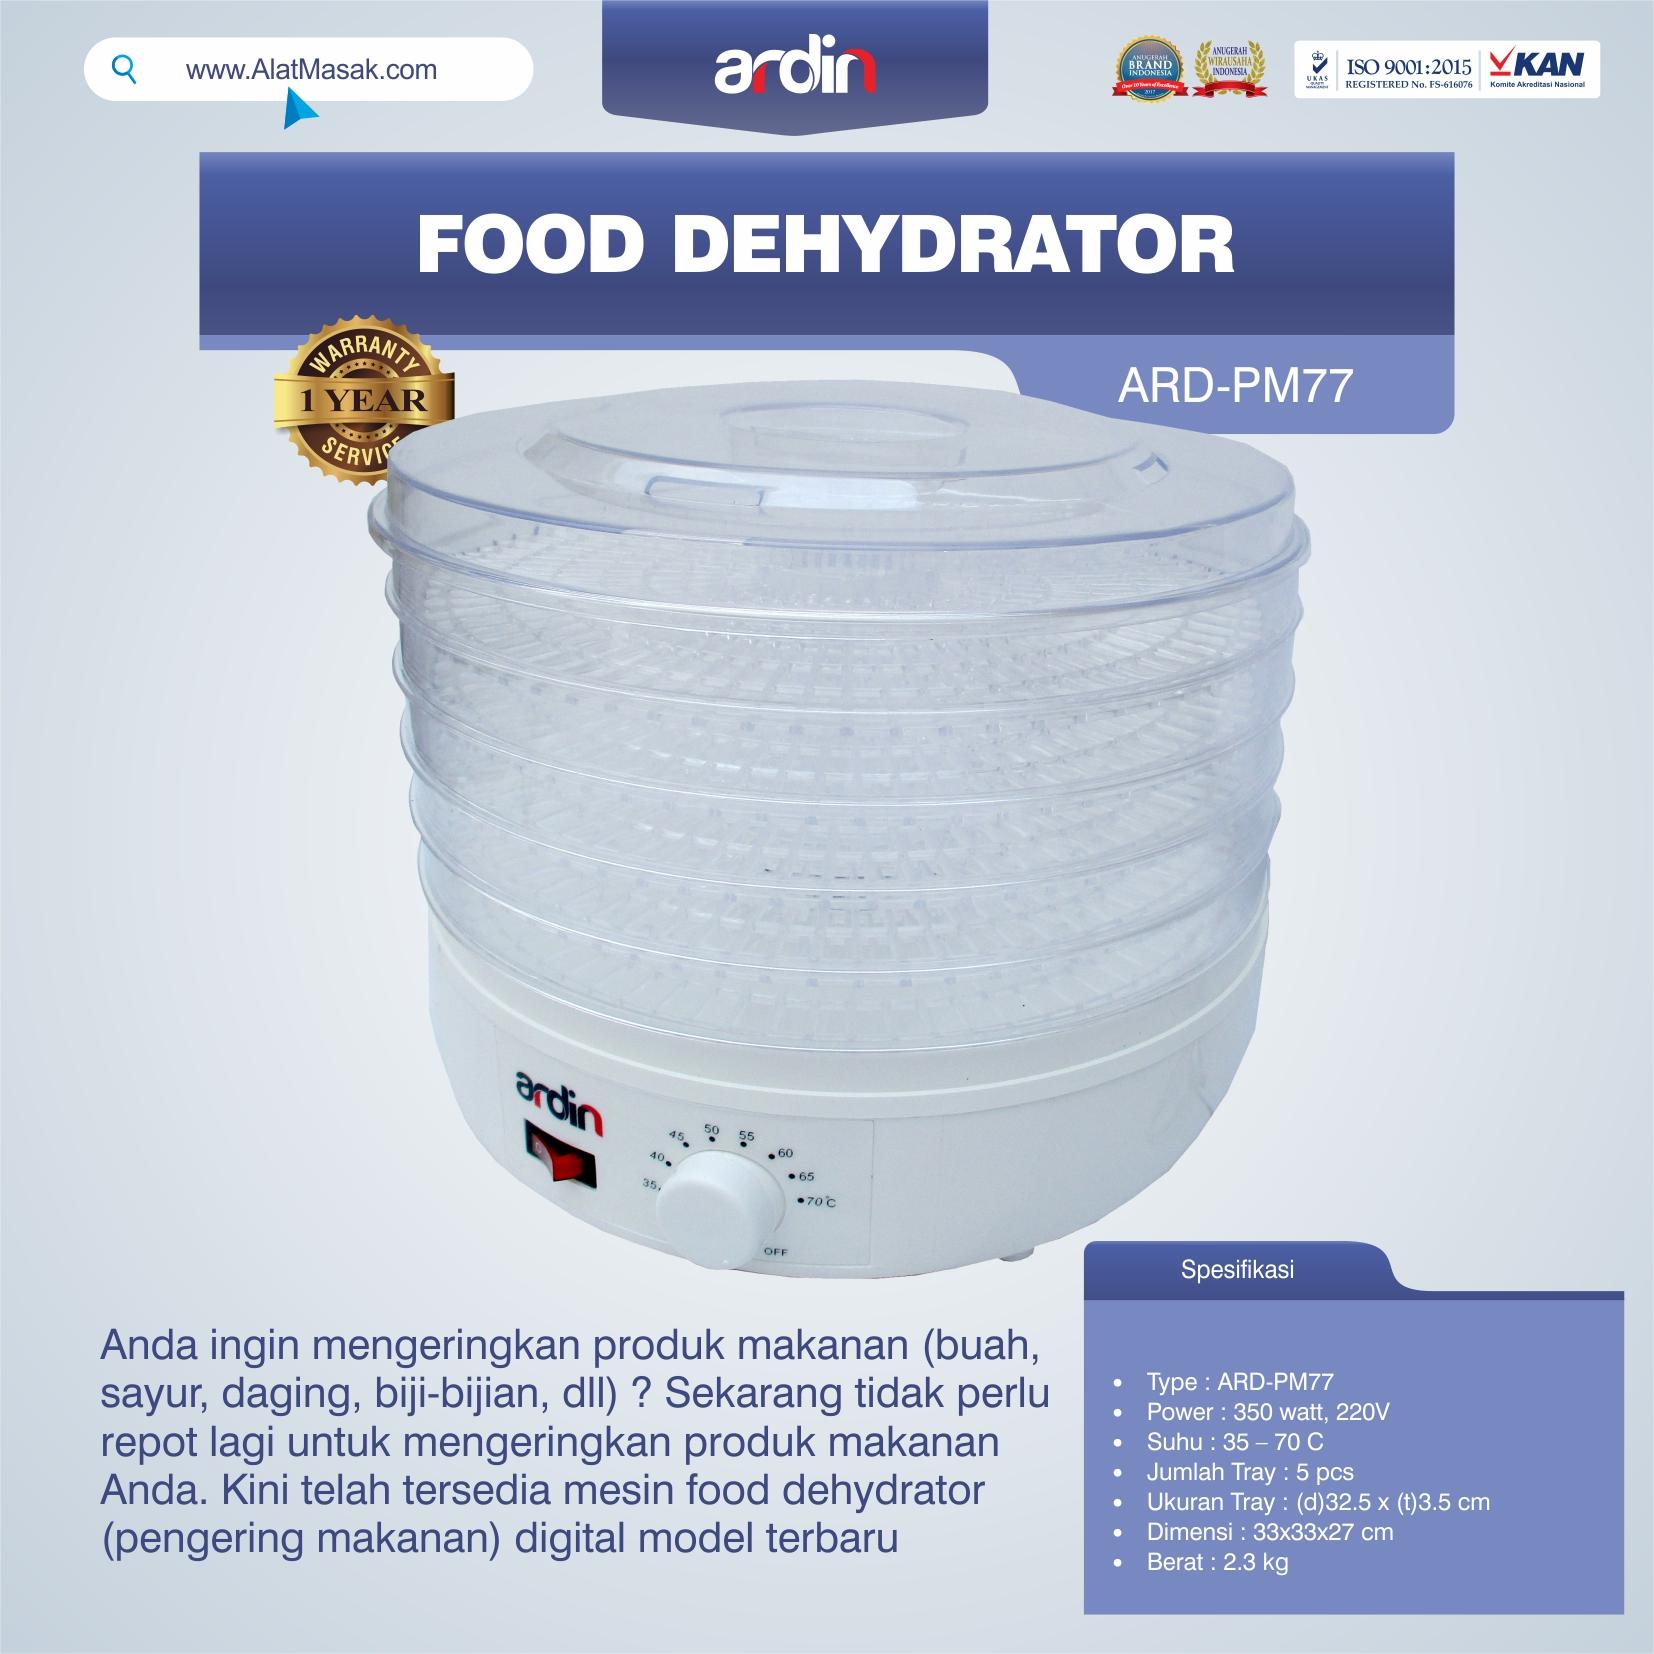 Jual Food Dehydrator ARD-PM77 di Tangerang